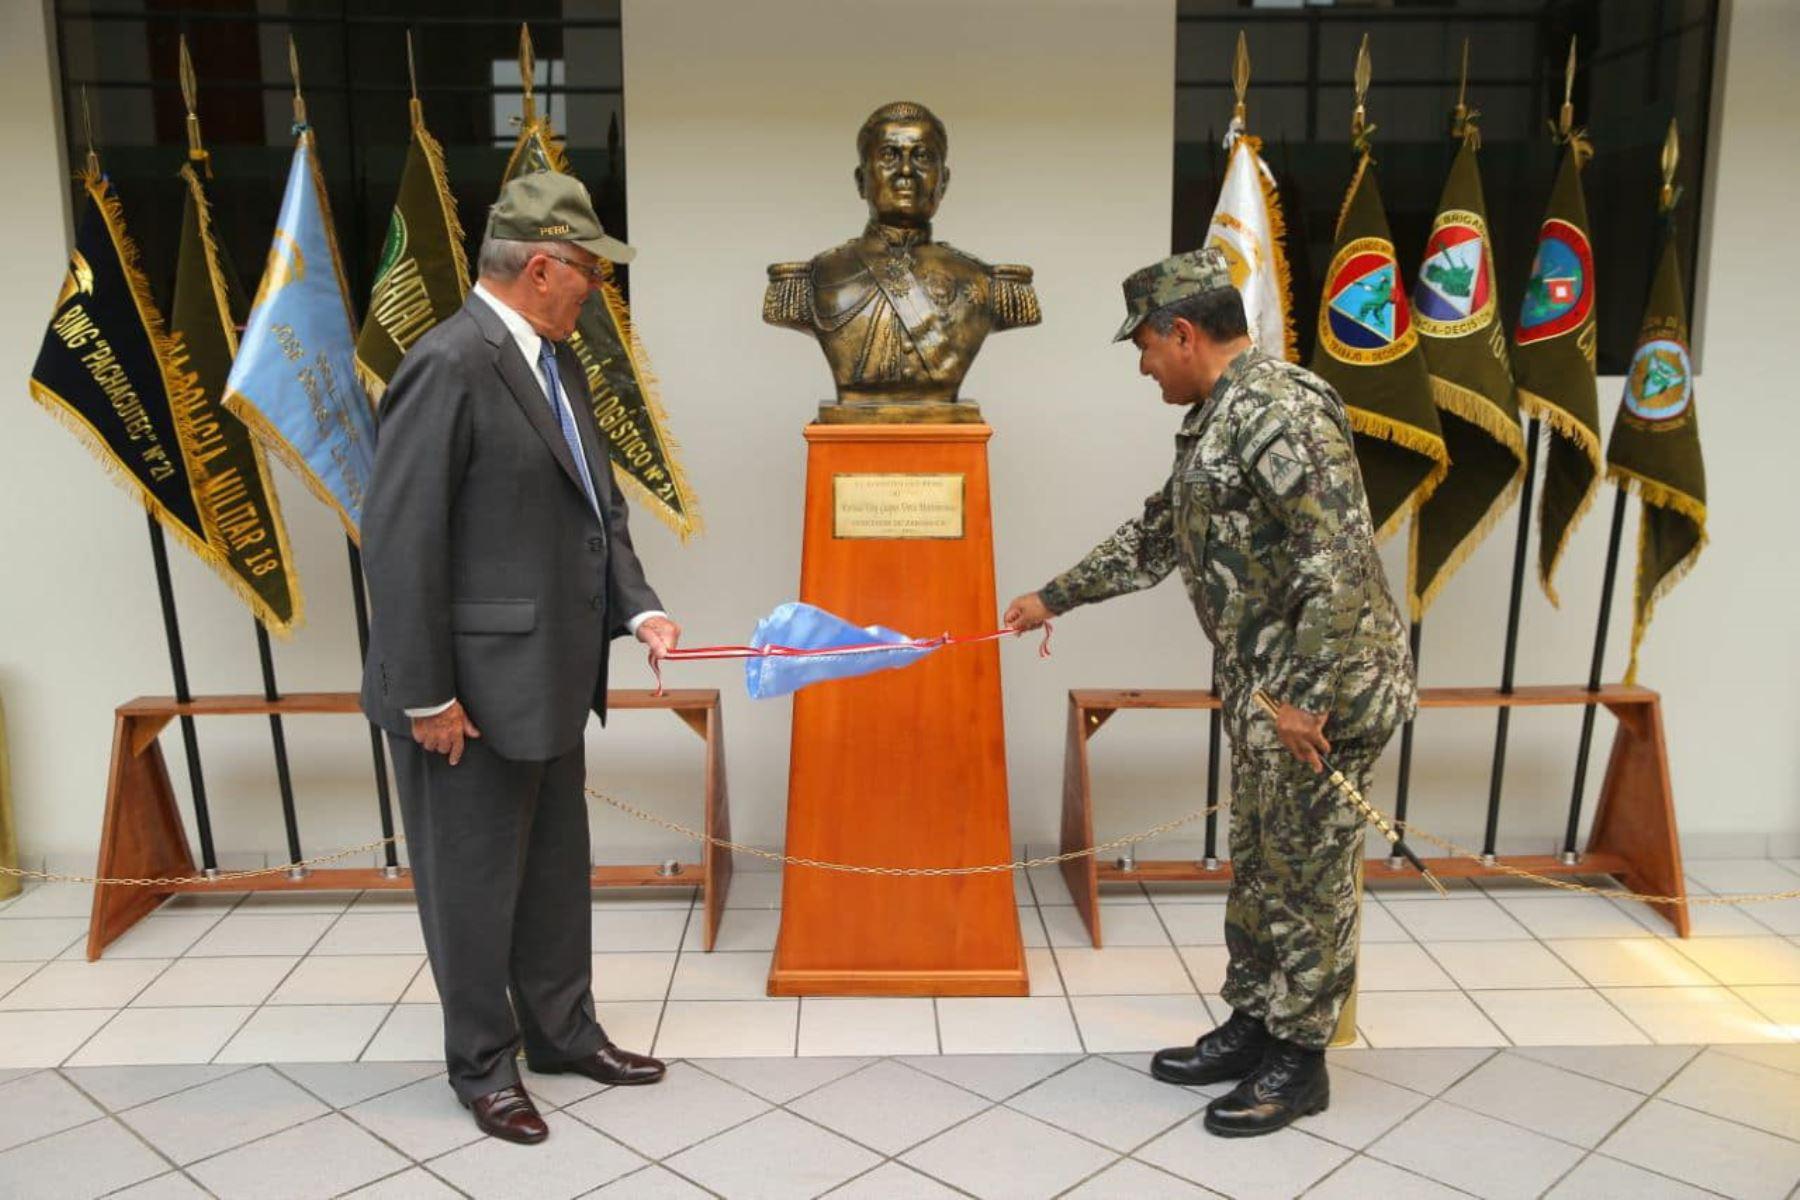 Presidente Kuczynski participa en la presentación de la 1ª Brigada Multipropósito Mariscal del Perú Eloy Gaspar Ureta Montehermoso del Ejército del Perú.Foto:ANDINA/Prensa Presidencia